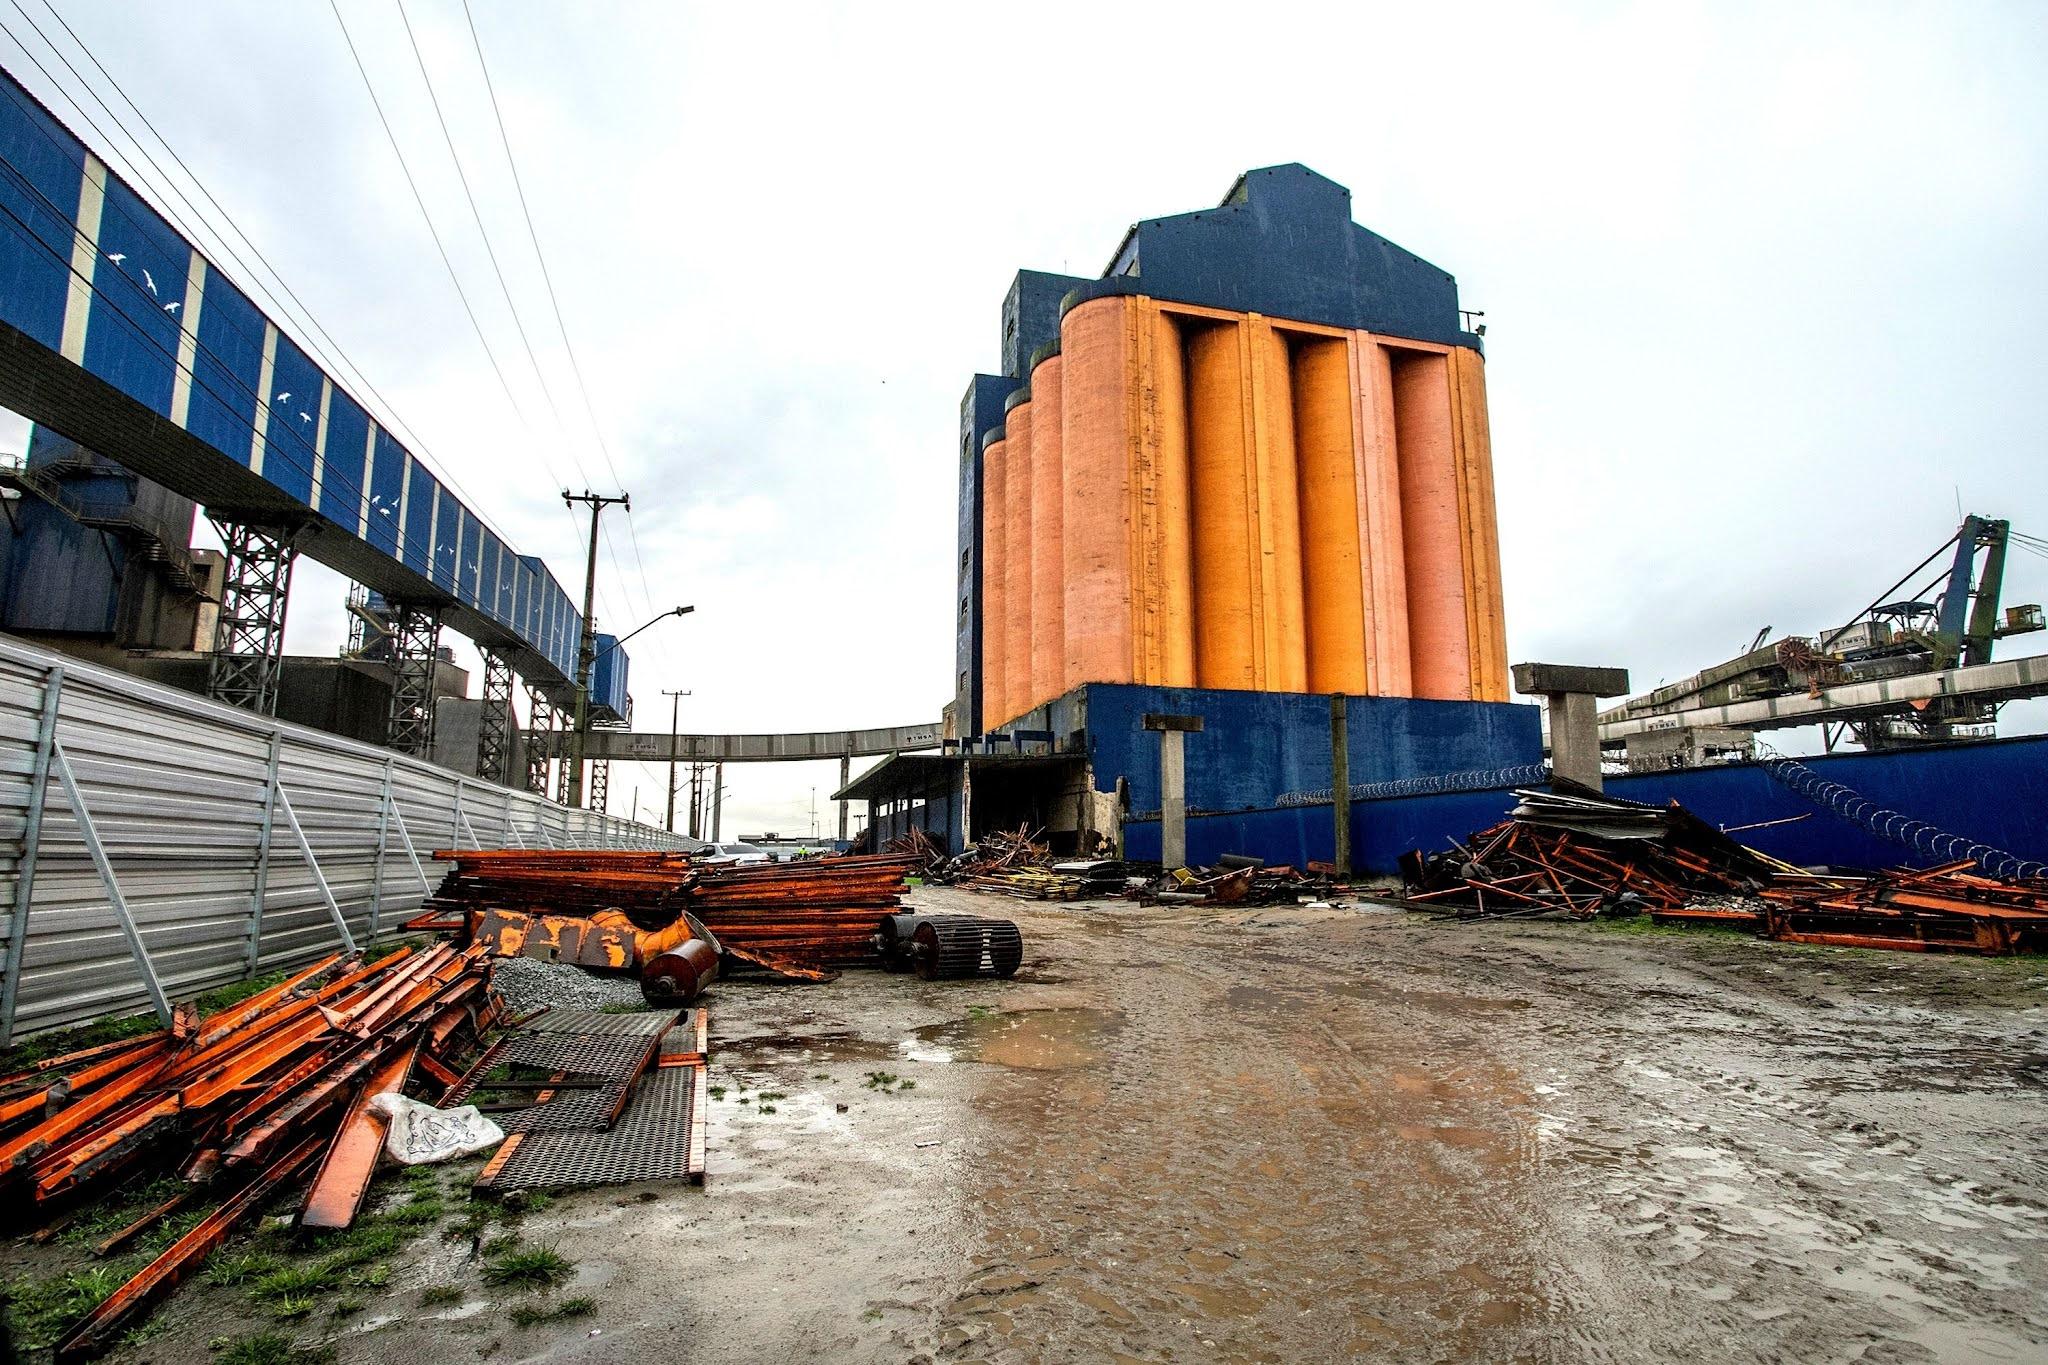 Silo obsoleto será demolido para ampliação operacional do Porto de Paranaguá